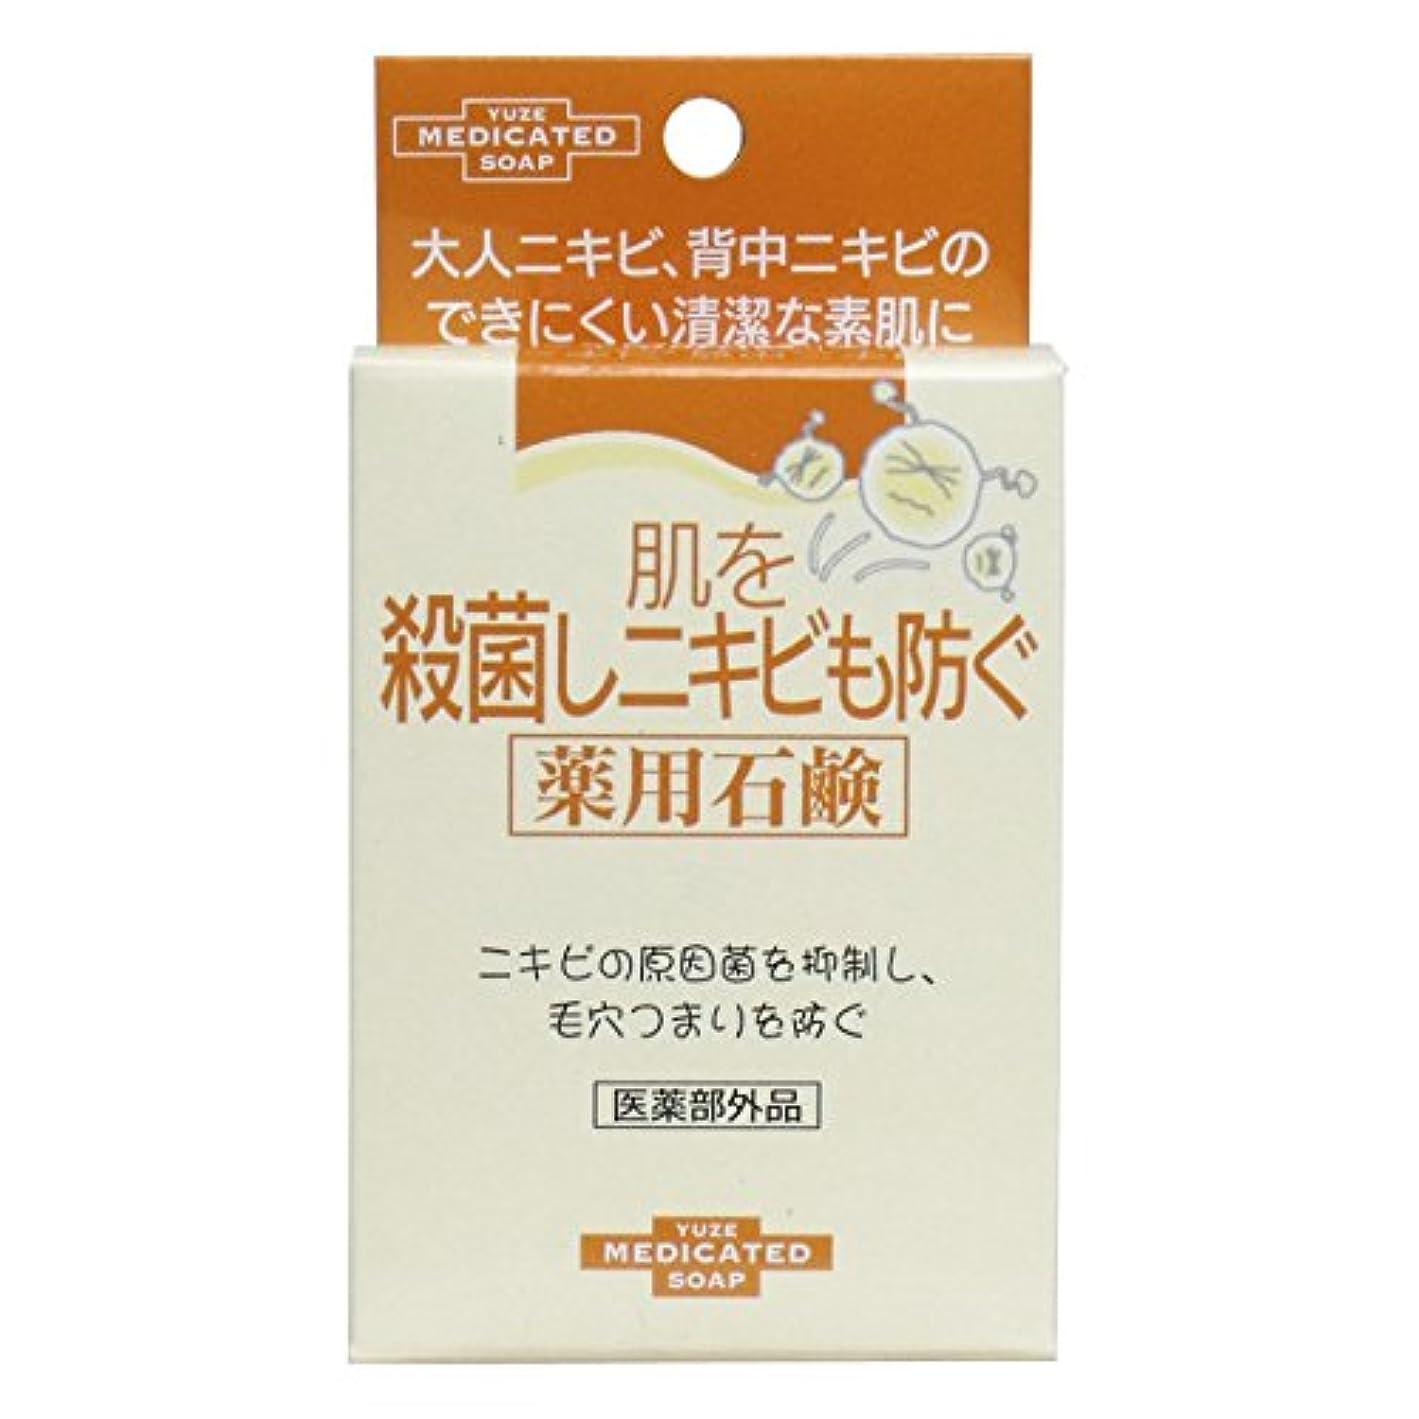 レスリング目立つ遺跡ユゼ 肌を殺菌しニキビも防ぐ薬用石鹸 (110g)